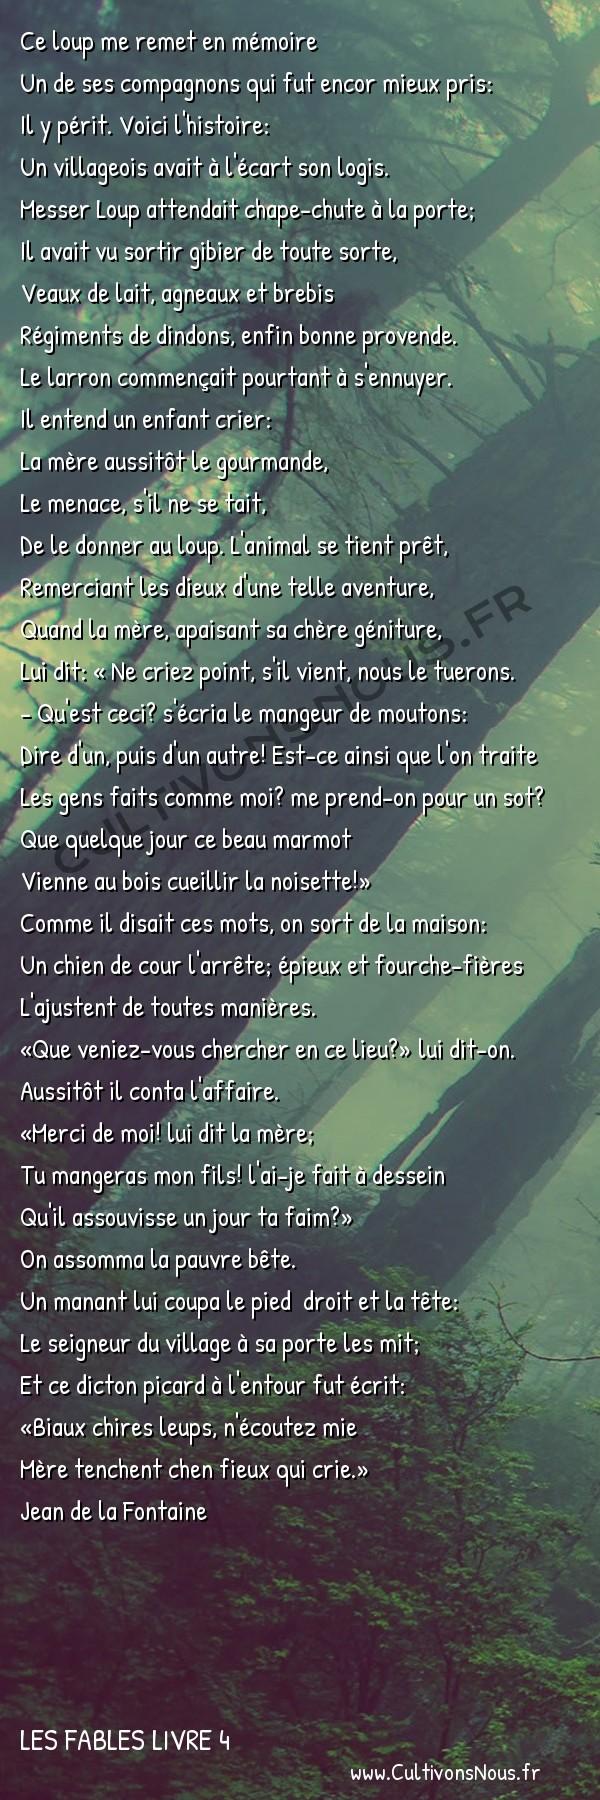 Fables Jean de la Fontaine - Les fables Livre 4 - Le Loup la Mère et l'Enfant -   Ce loup me remet en mémoire Un de ses compagnons qui fut encor mieux pris: